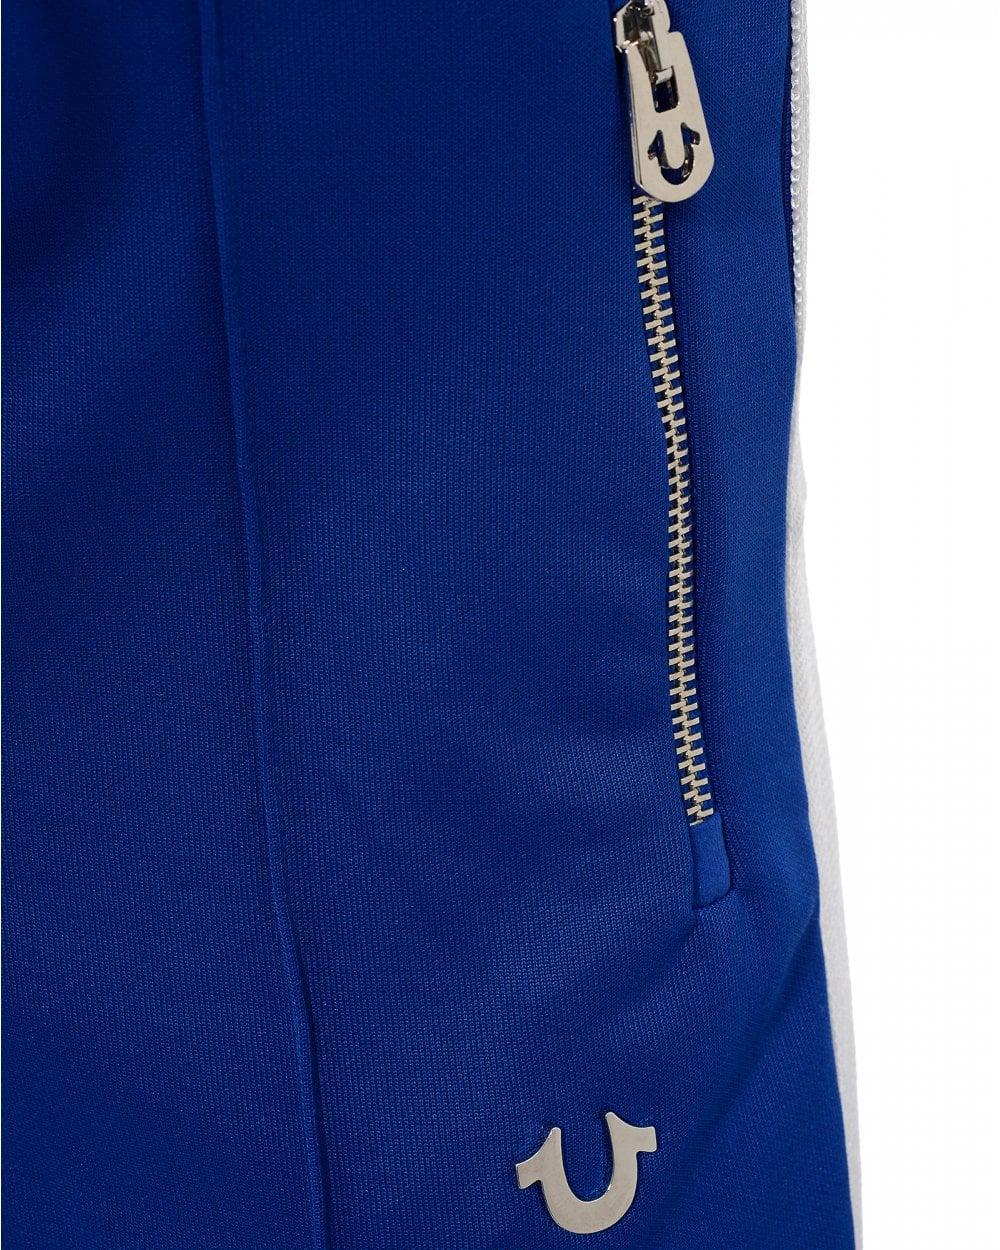 b3c0d312c8 True Religion Mens Striped Sweatpants, Surf Blue Slim Fit Trackpants